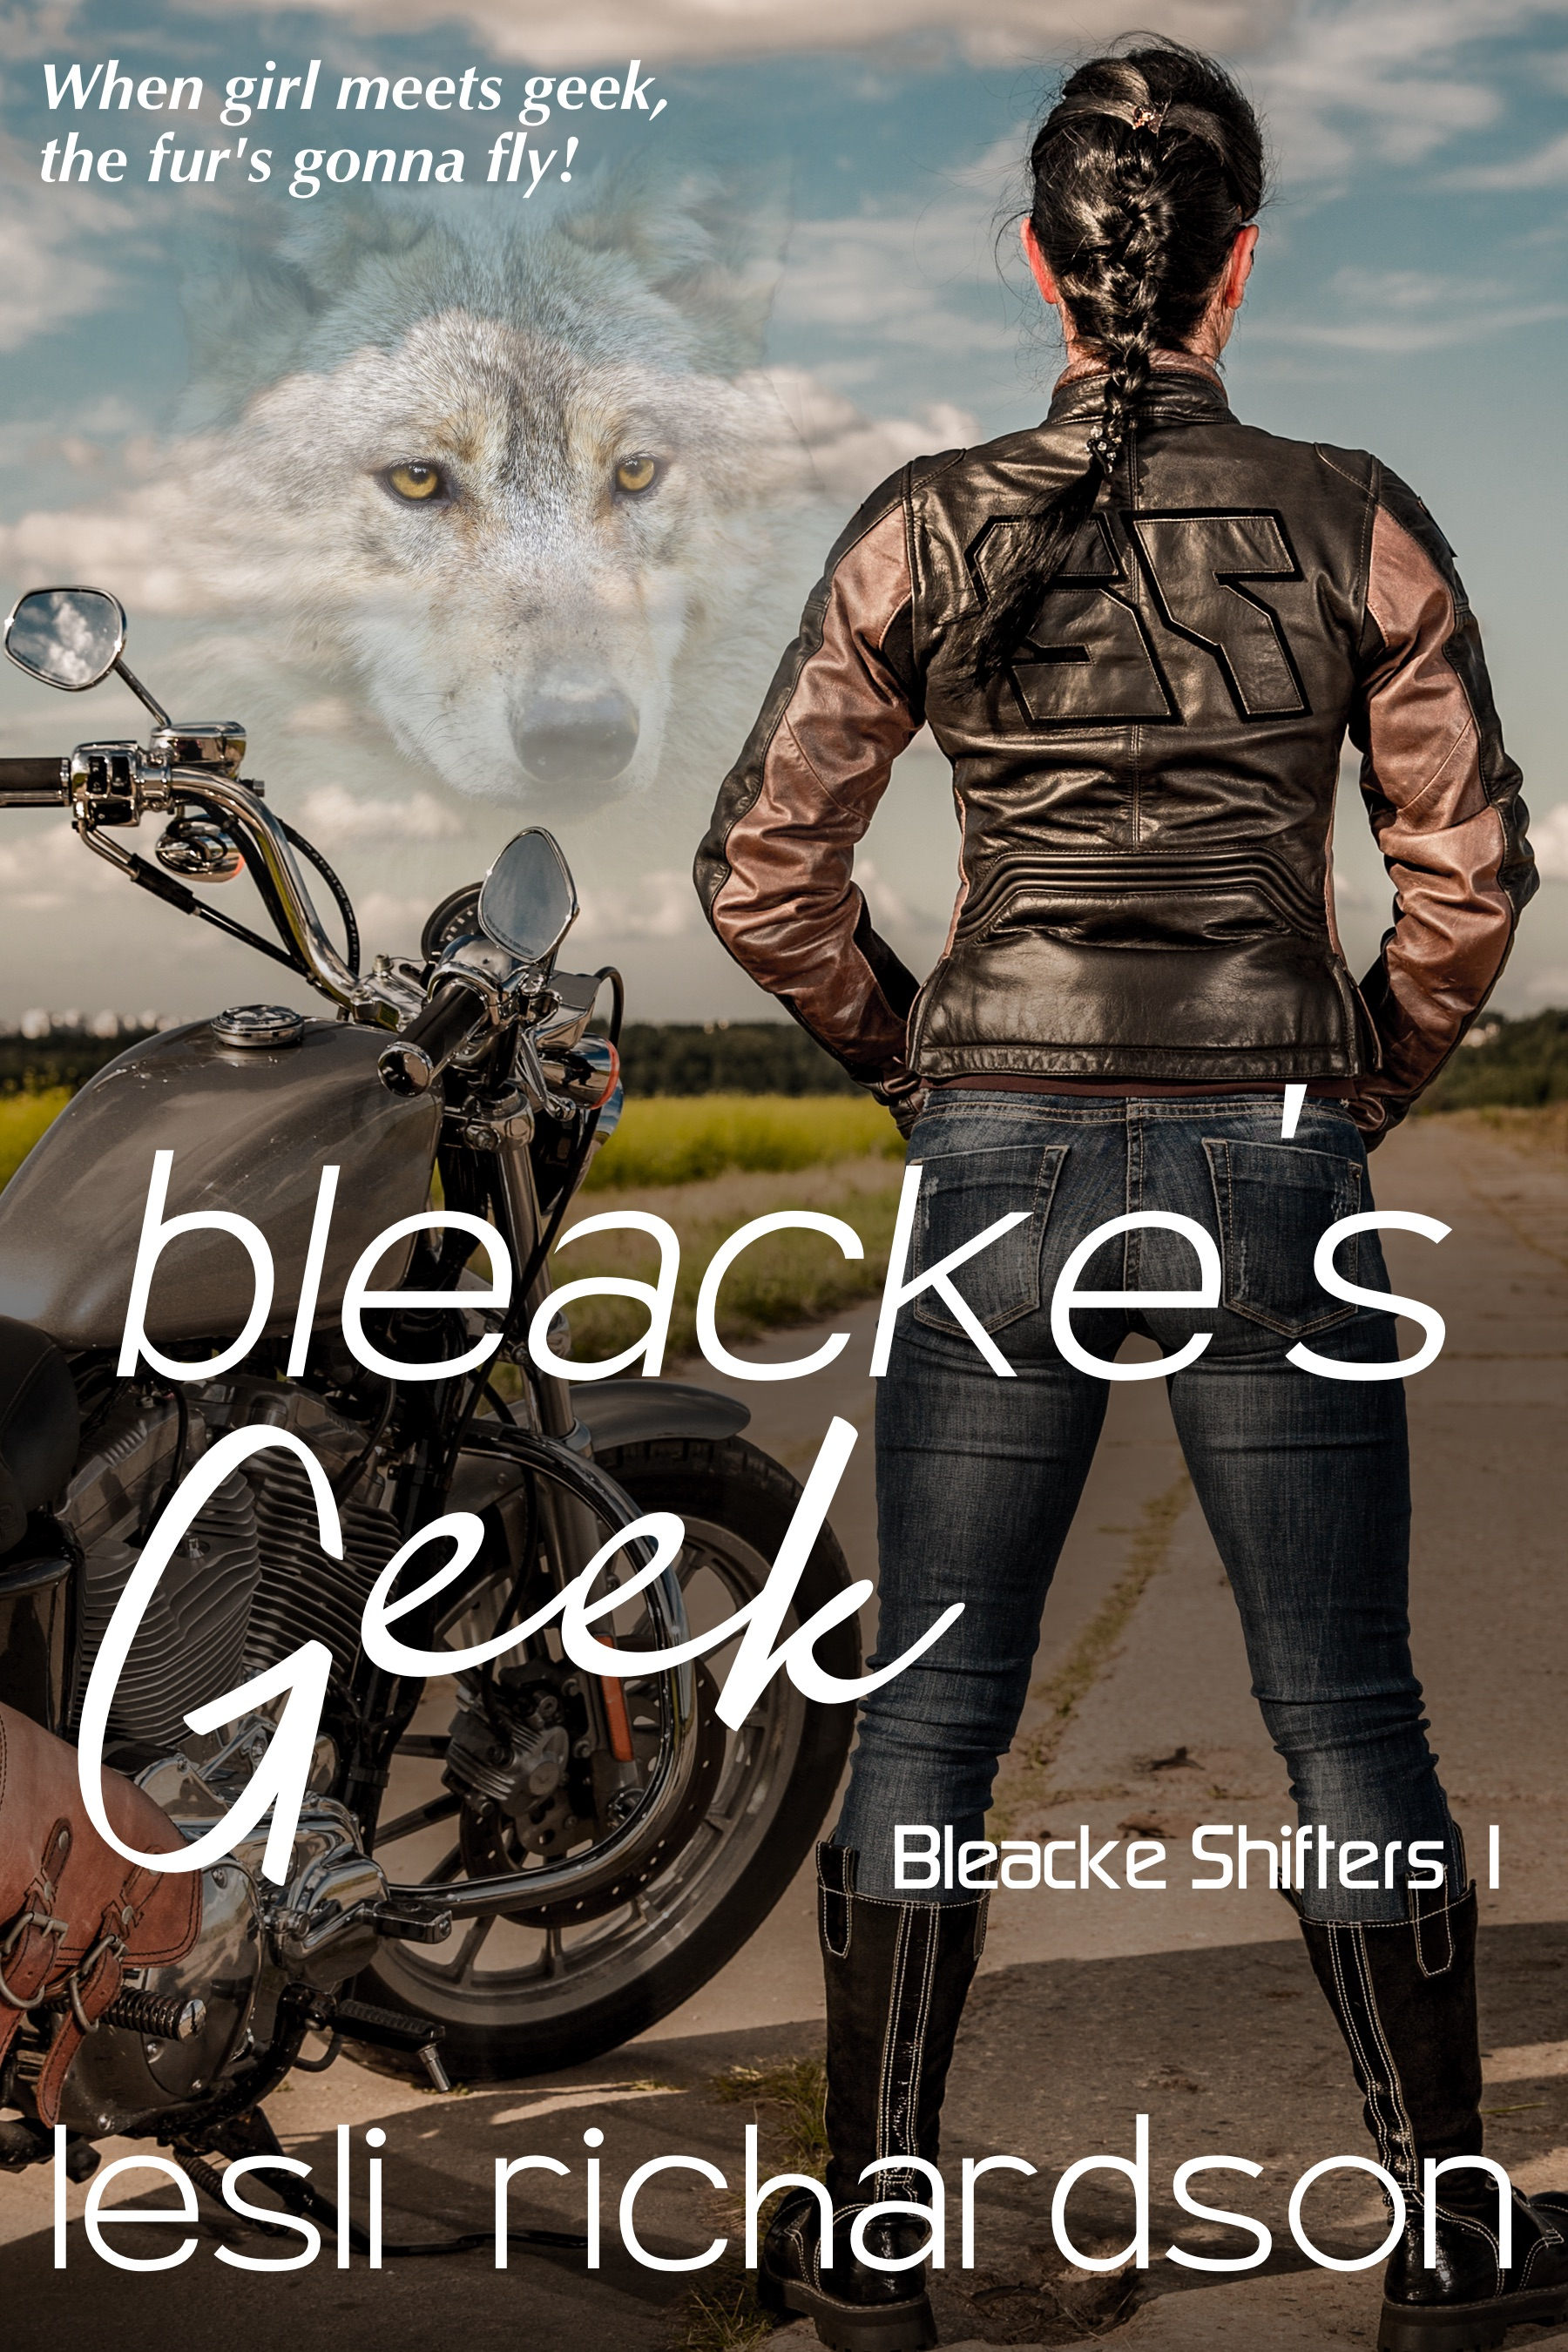 Bleacke's Geek (Bleacke Shifters 1) (sst-cxlix)